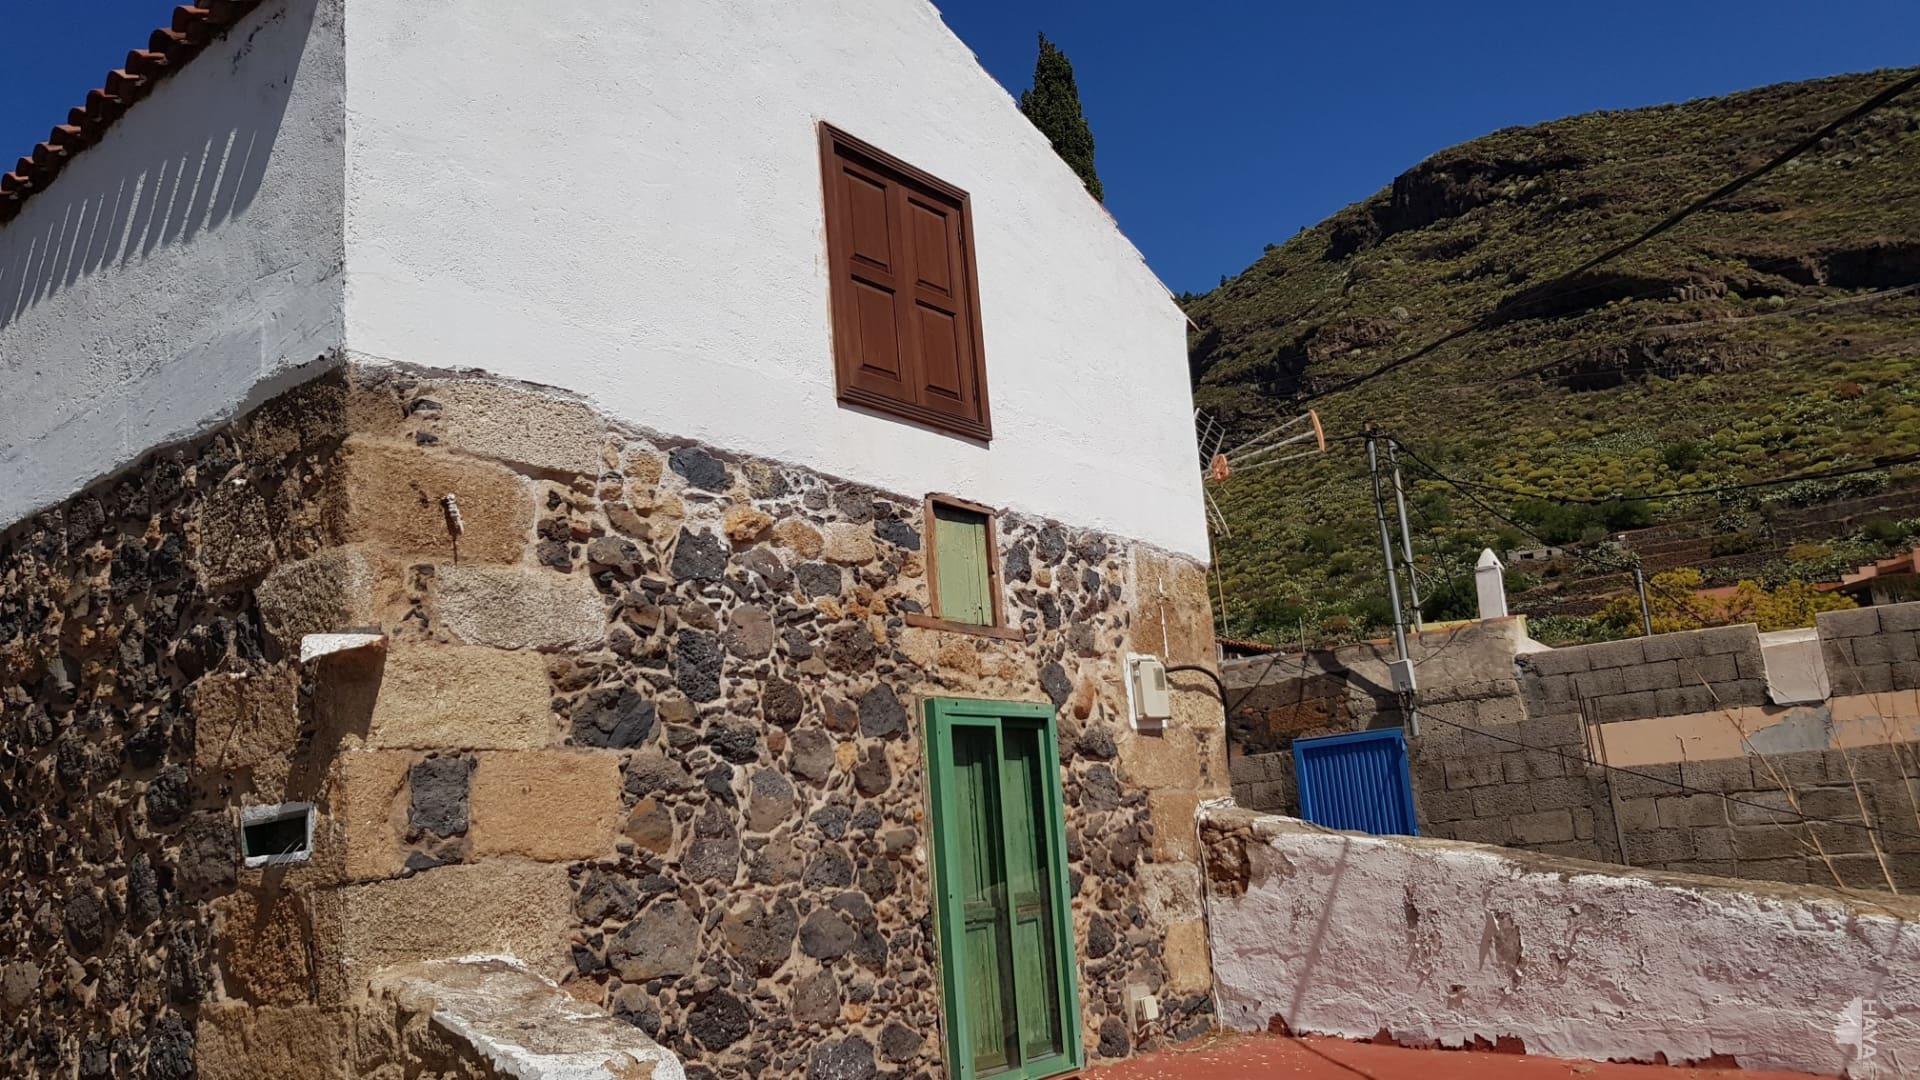 Piso en venta en Candelaria, Santa Cruz de Tenerife, Calle la Jimenerz, 91.967 €, 1 habitación, 1 baño, 103 m2